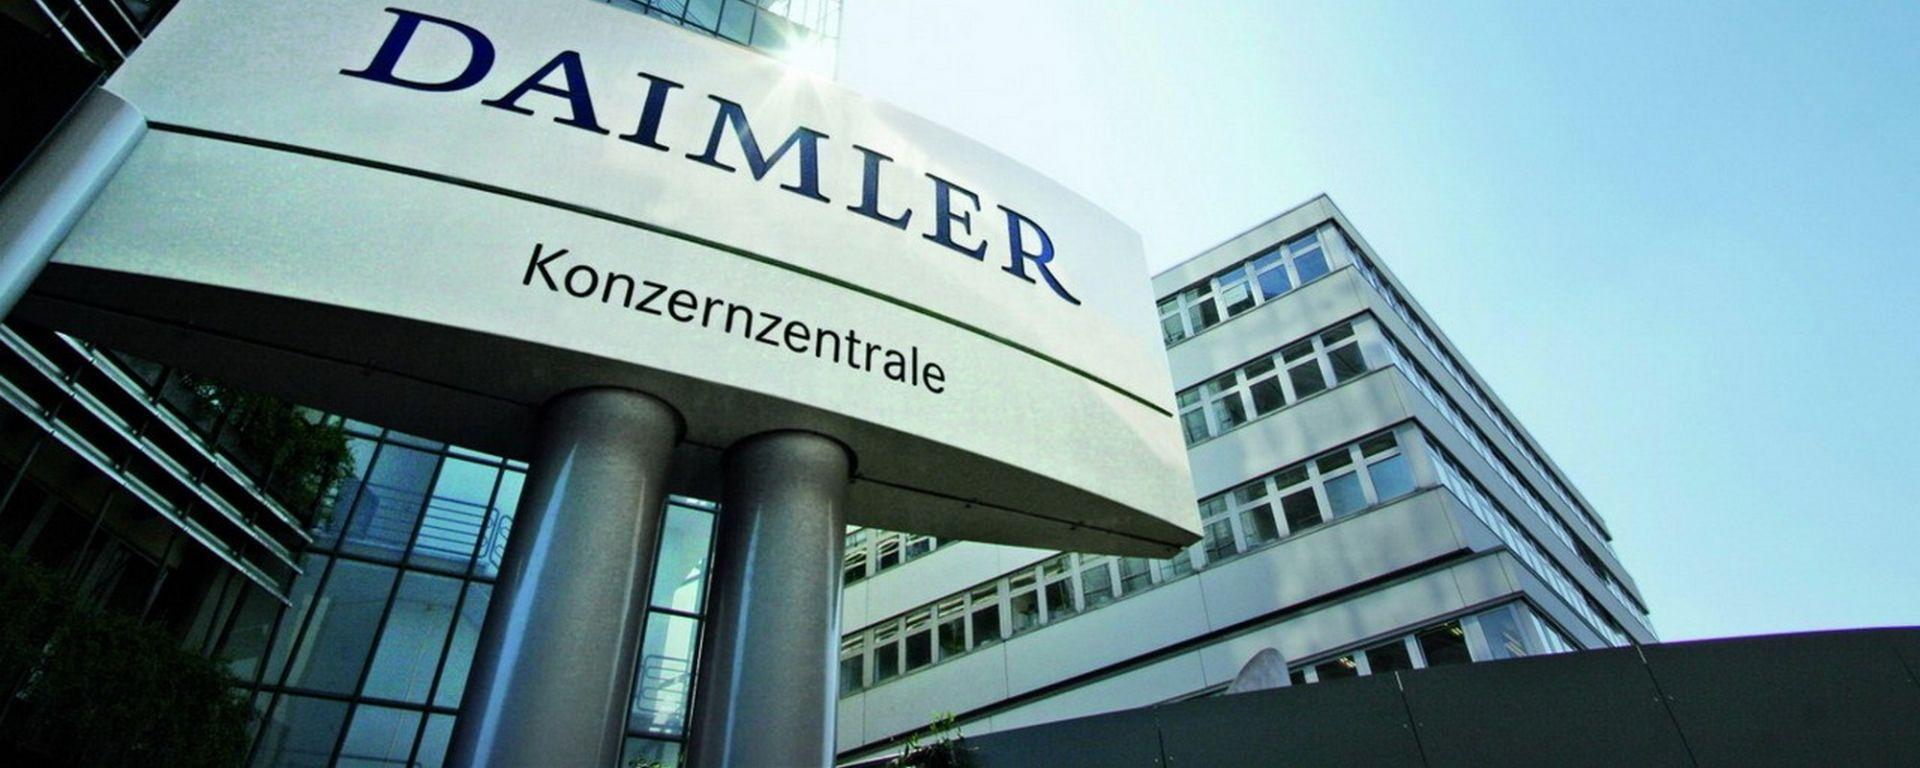 Test emissioni con scimmie, anche Daimler prende provvedimenti interni